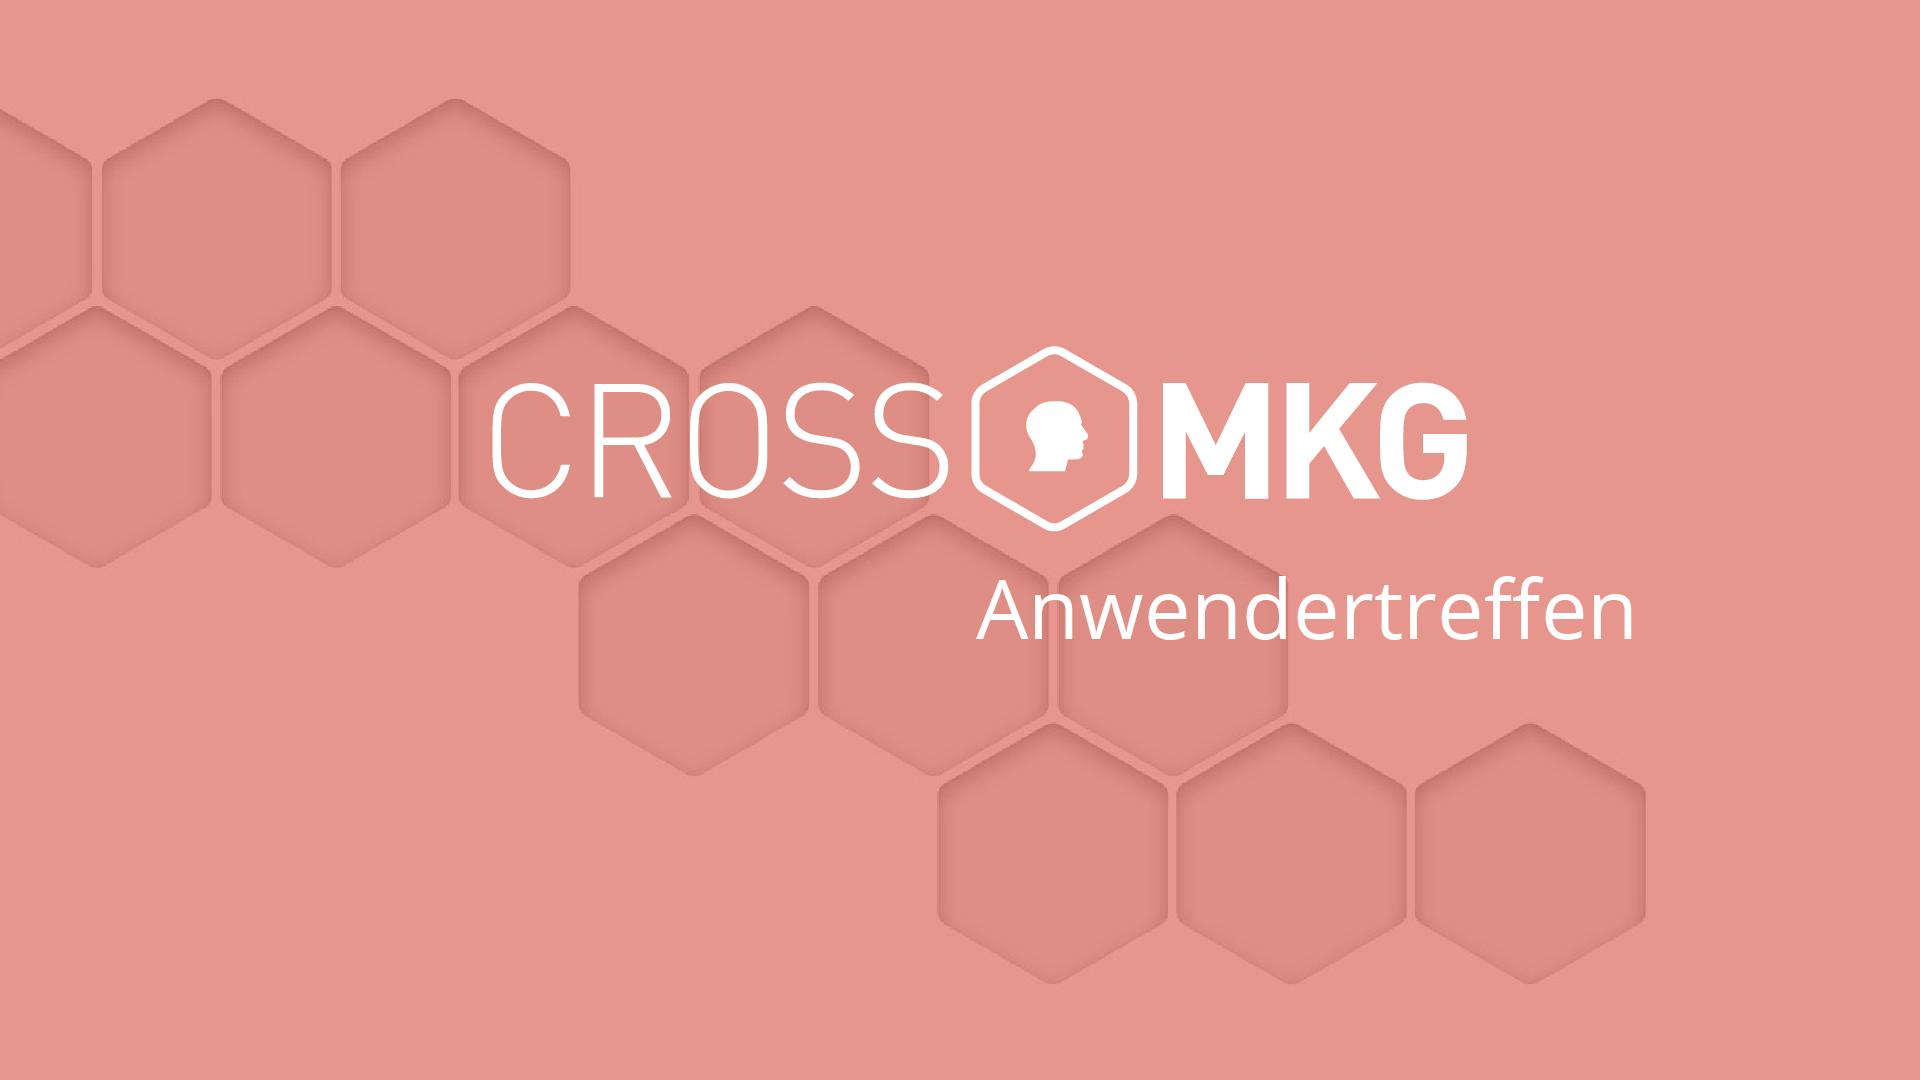 PRO X MKG Anwendertreffen 2022